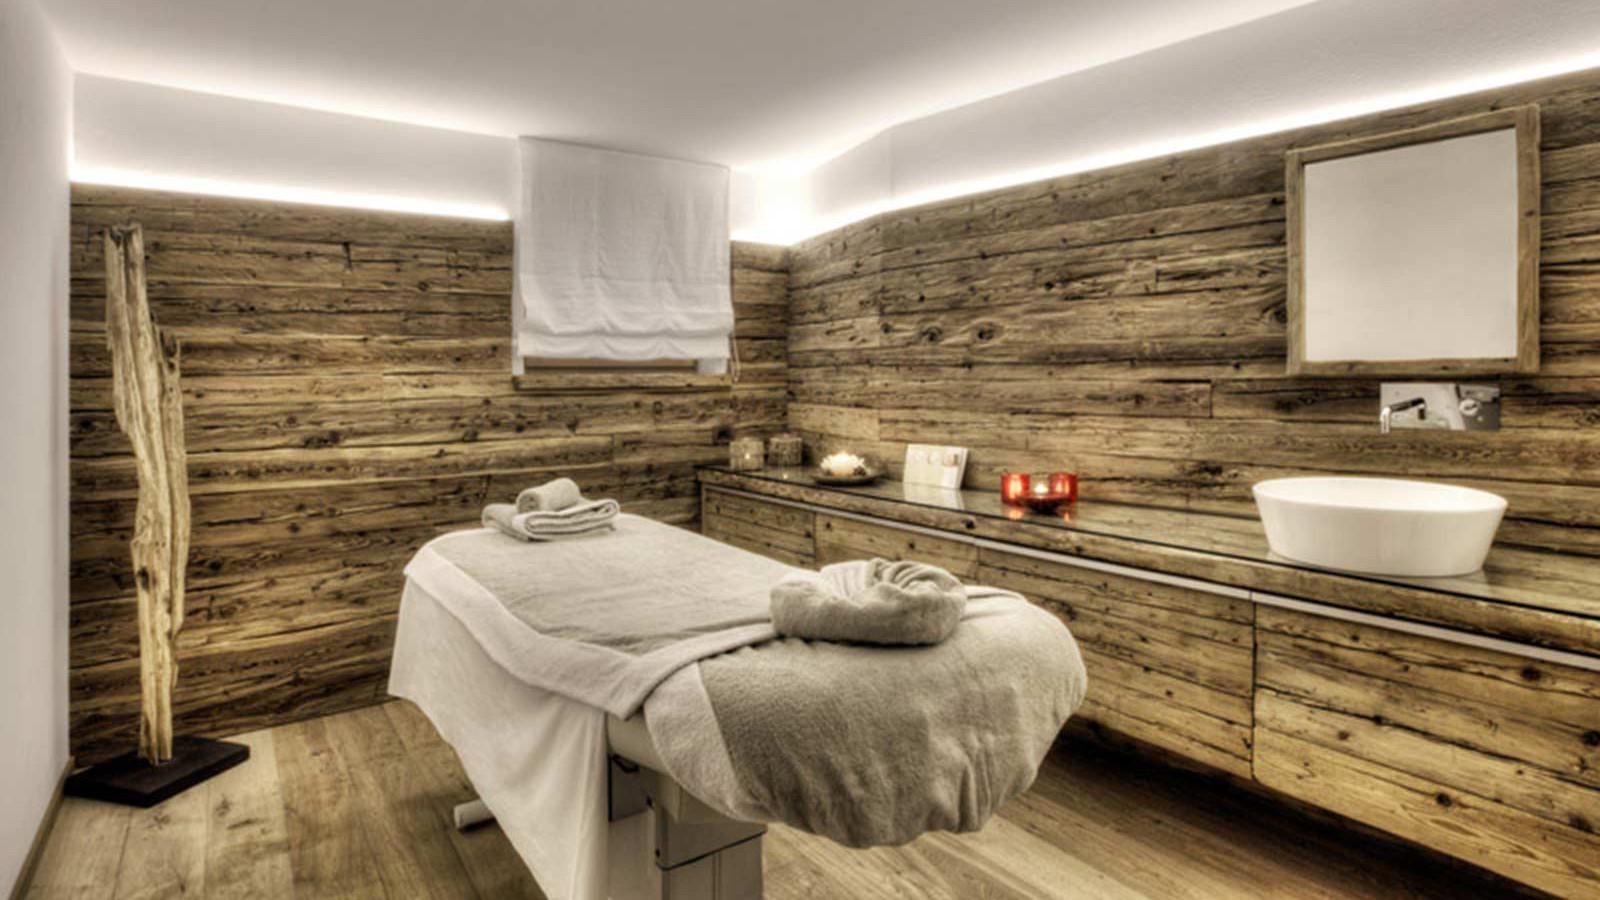 Hotel Tyrol, Selva Val Gardena - Massage